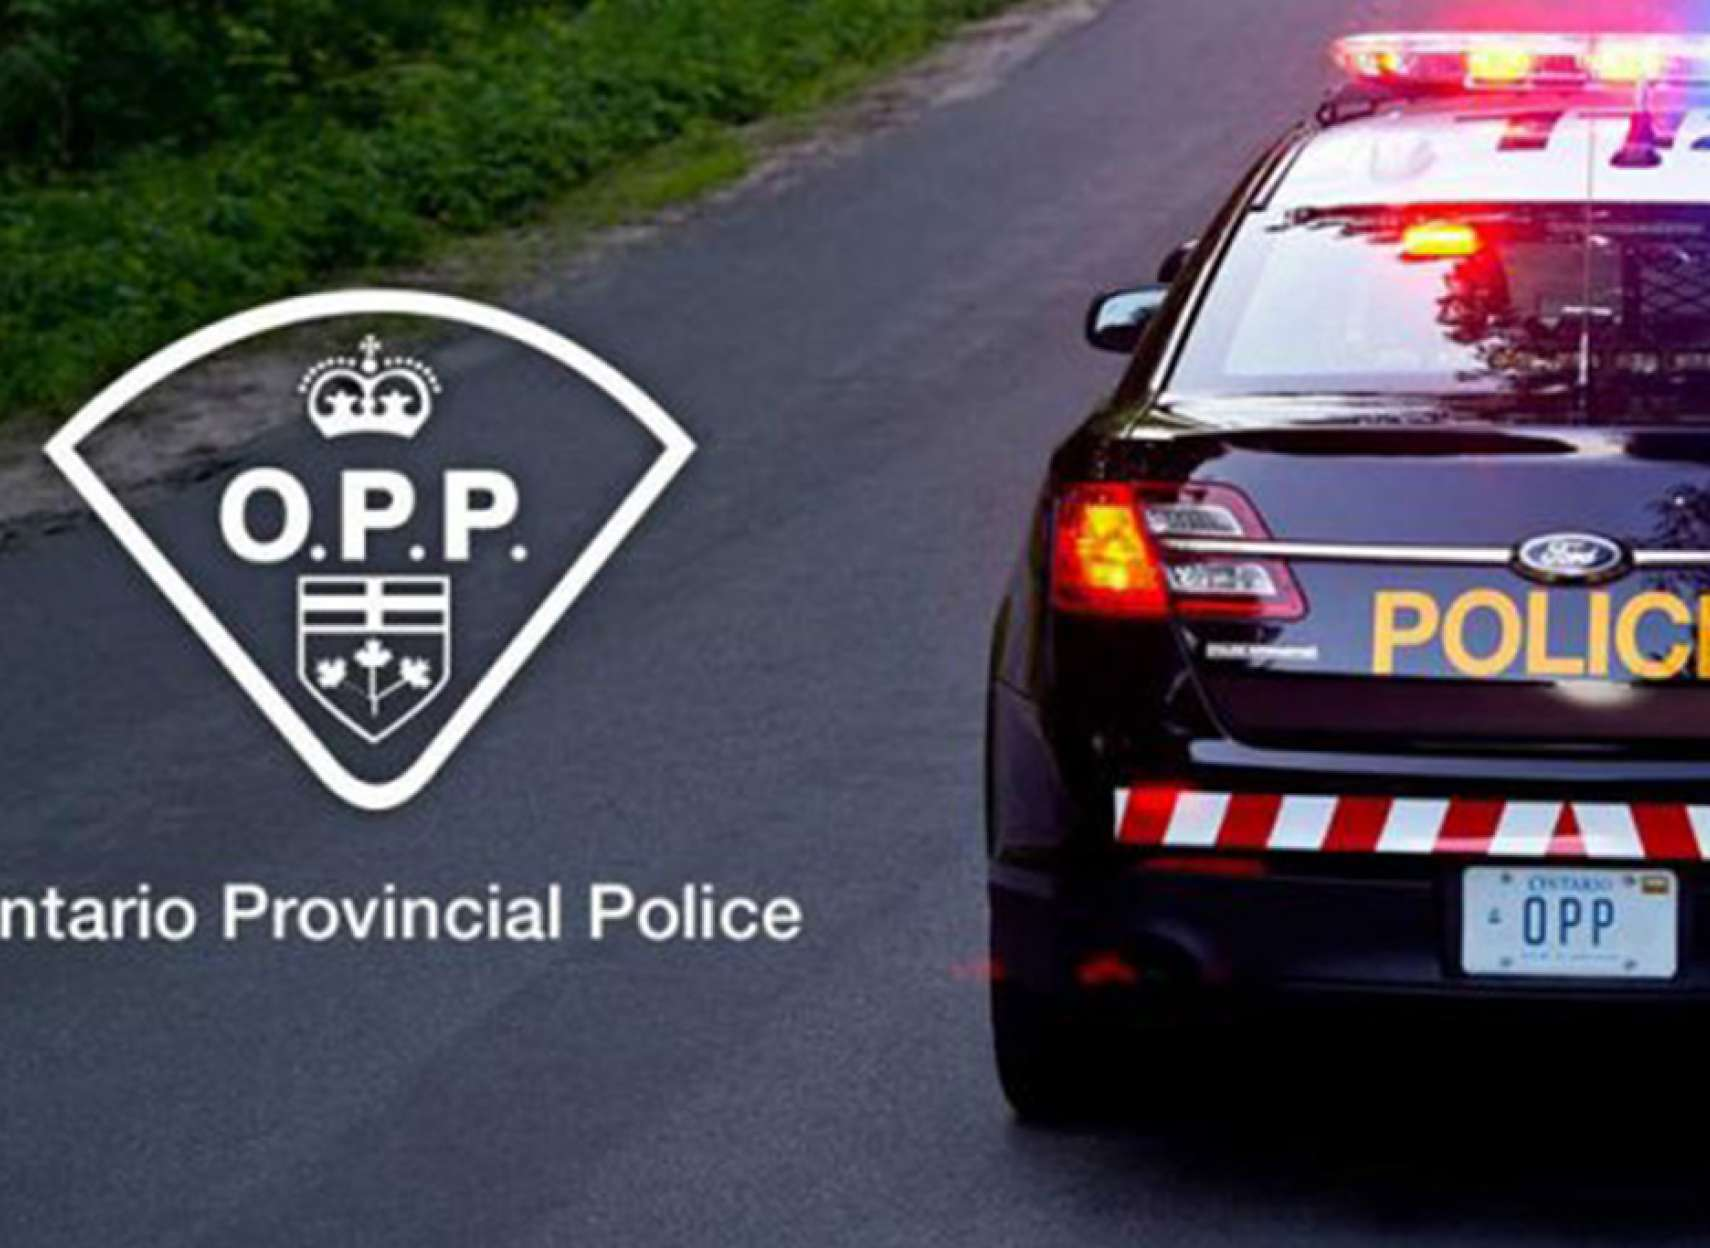 اخبار-تورنتو-پلیس-انتاریو-دیگر-جنسیت-افراد-در-جرایم-را-ذکر-نمیکند